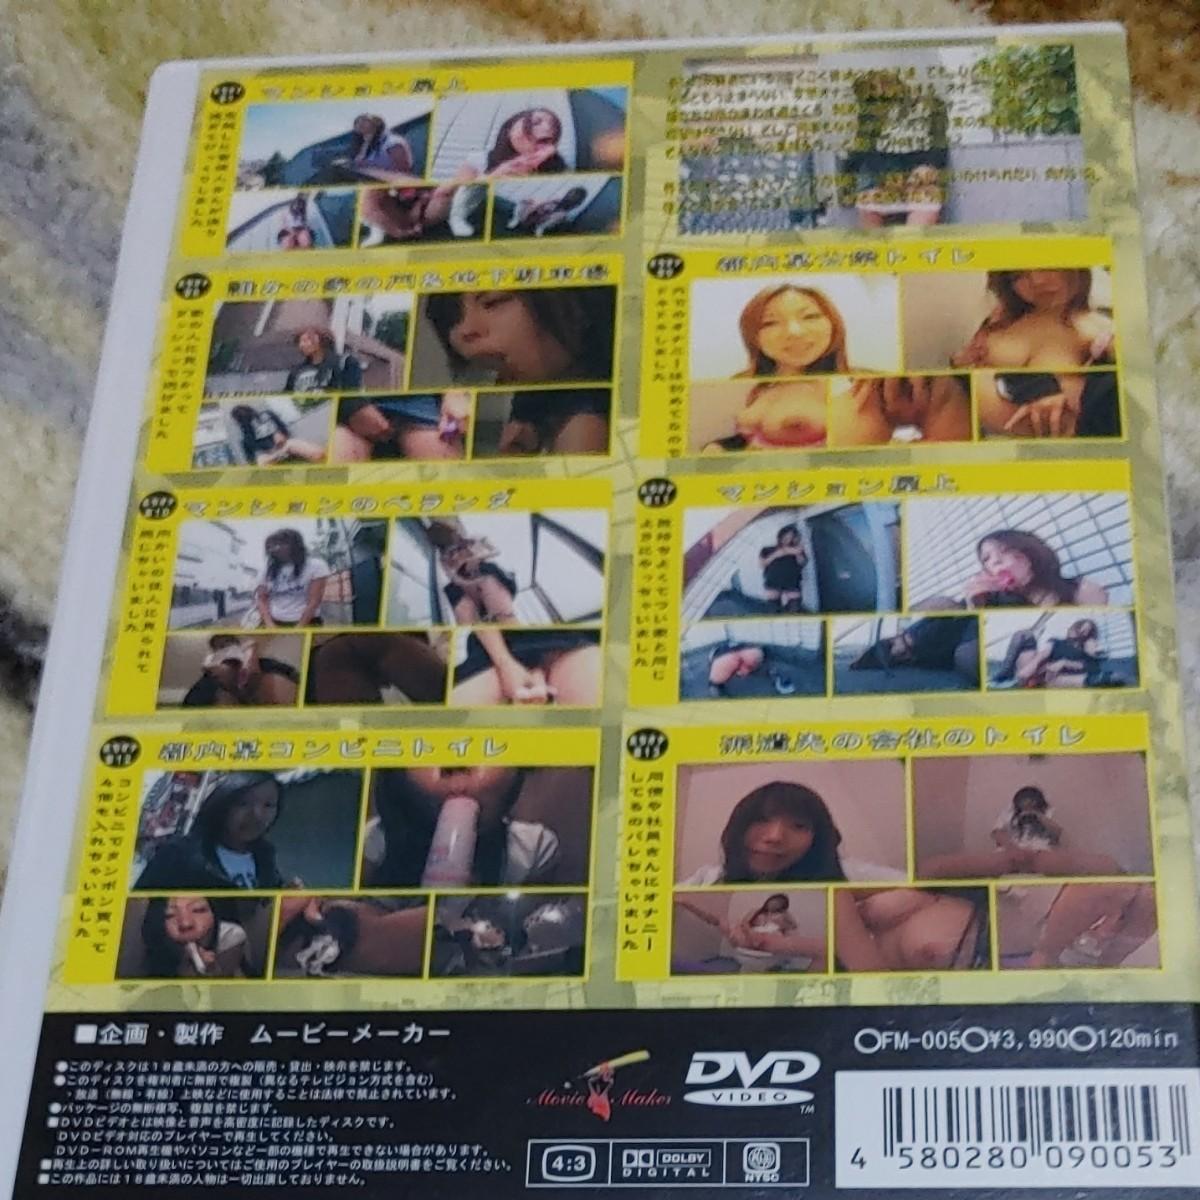 レンタル落ち DVD